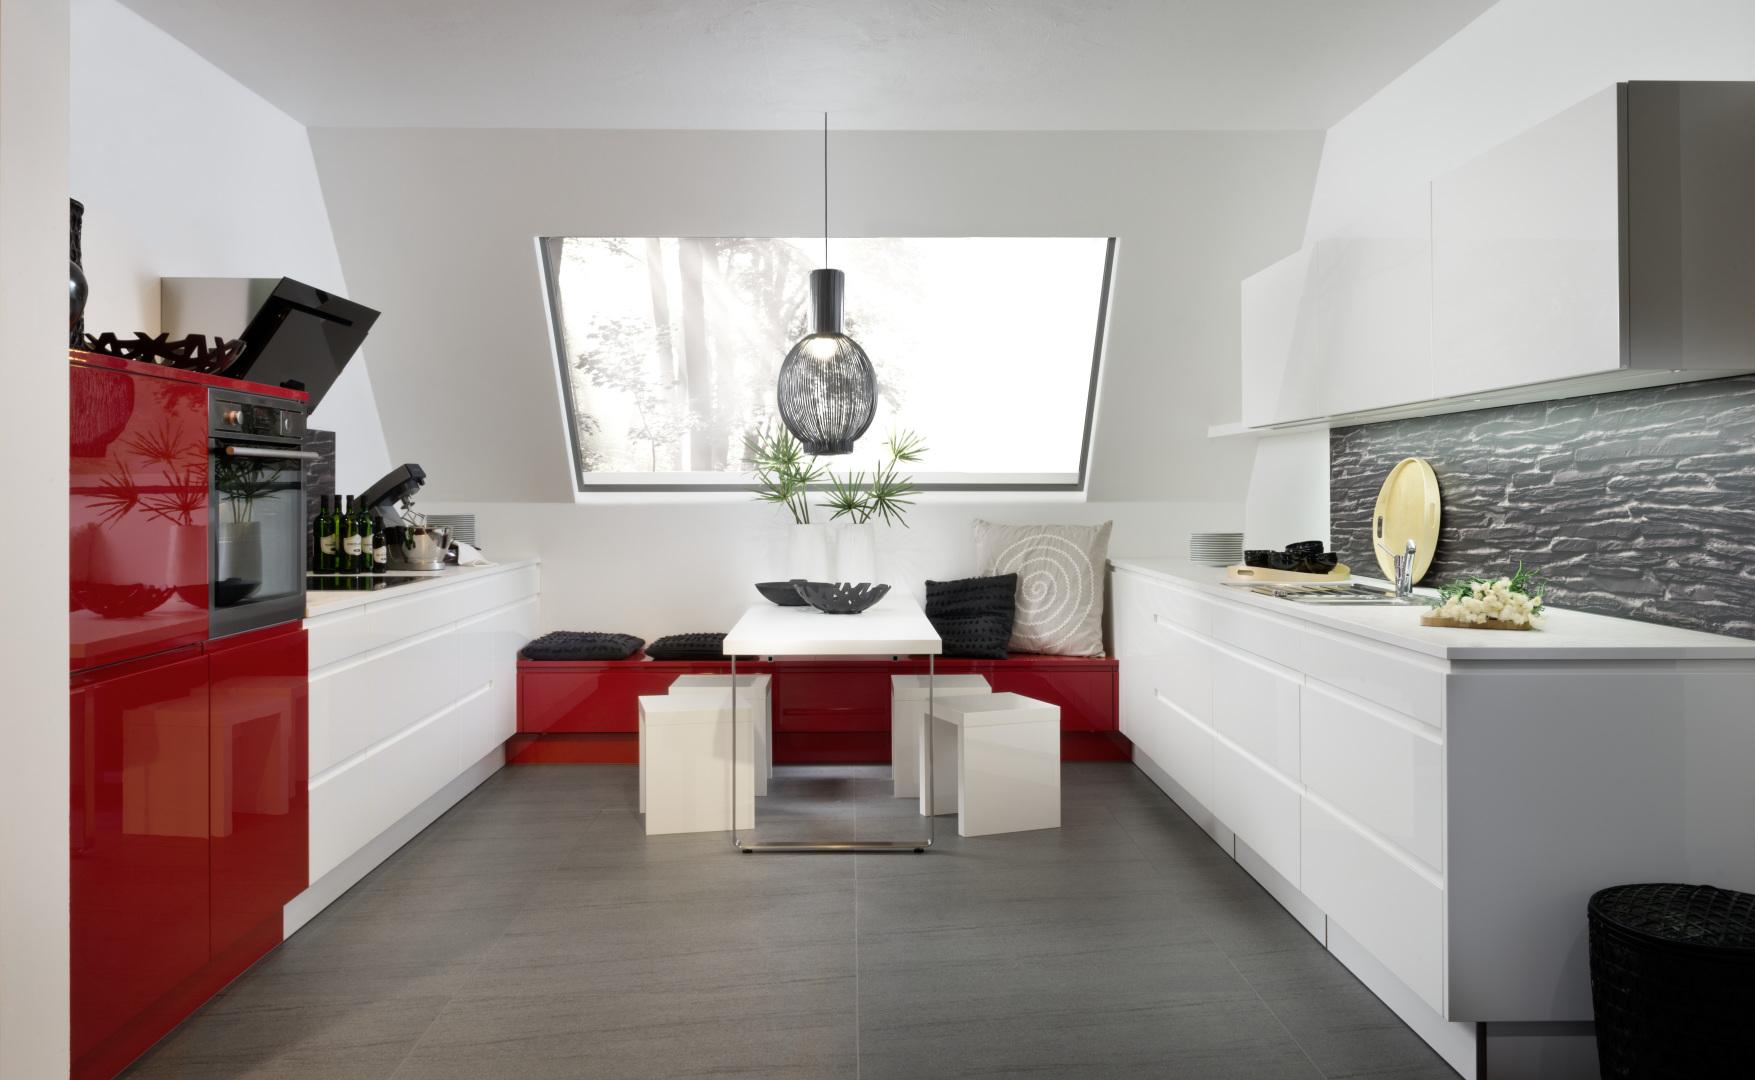 kuchnia alpha lack nolte kuchnie biały połysk czerwony połysk